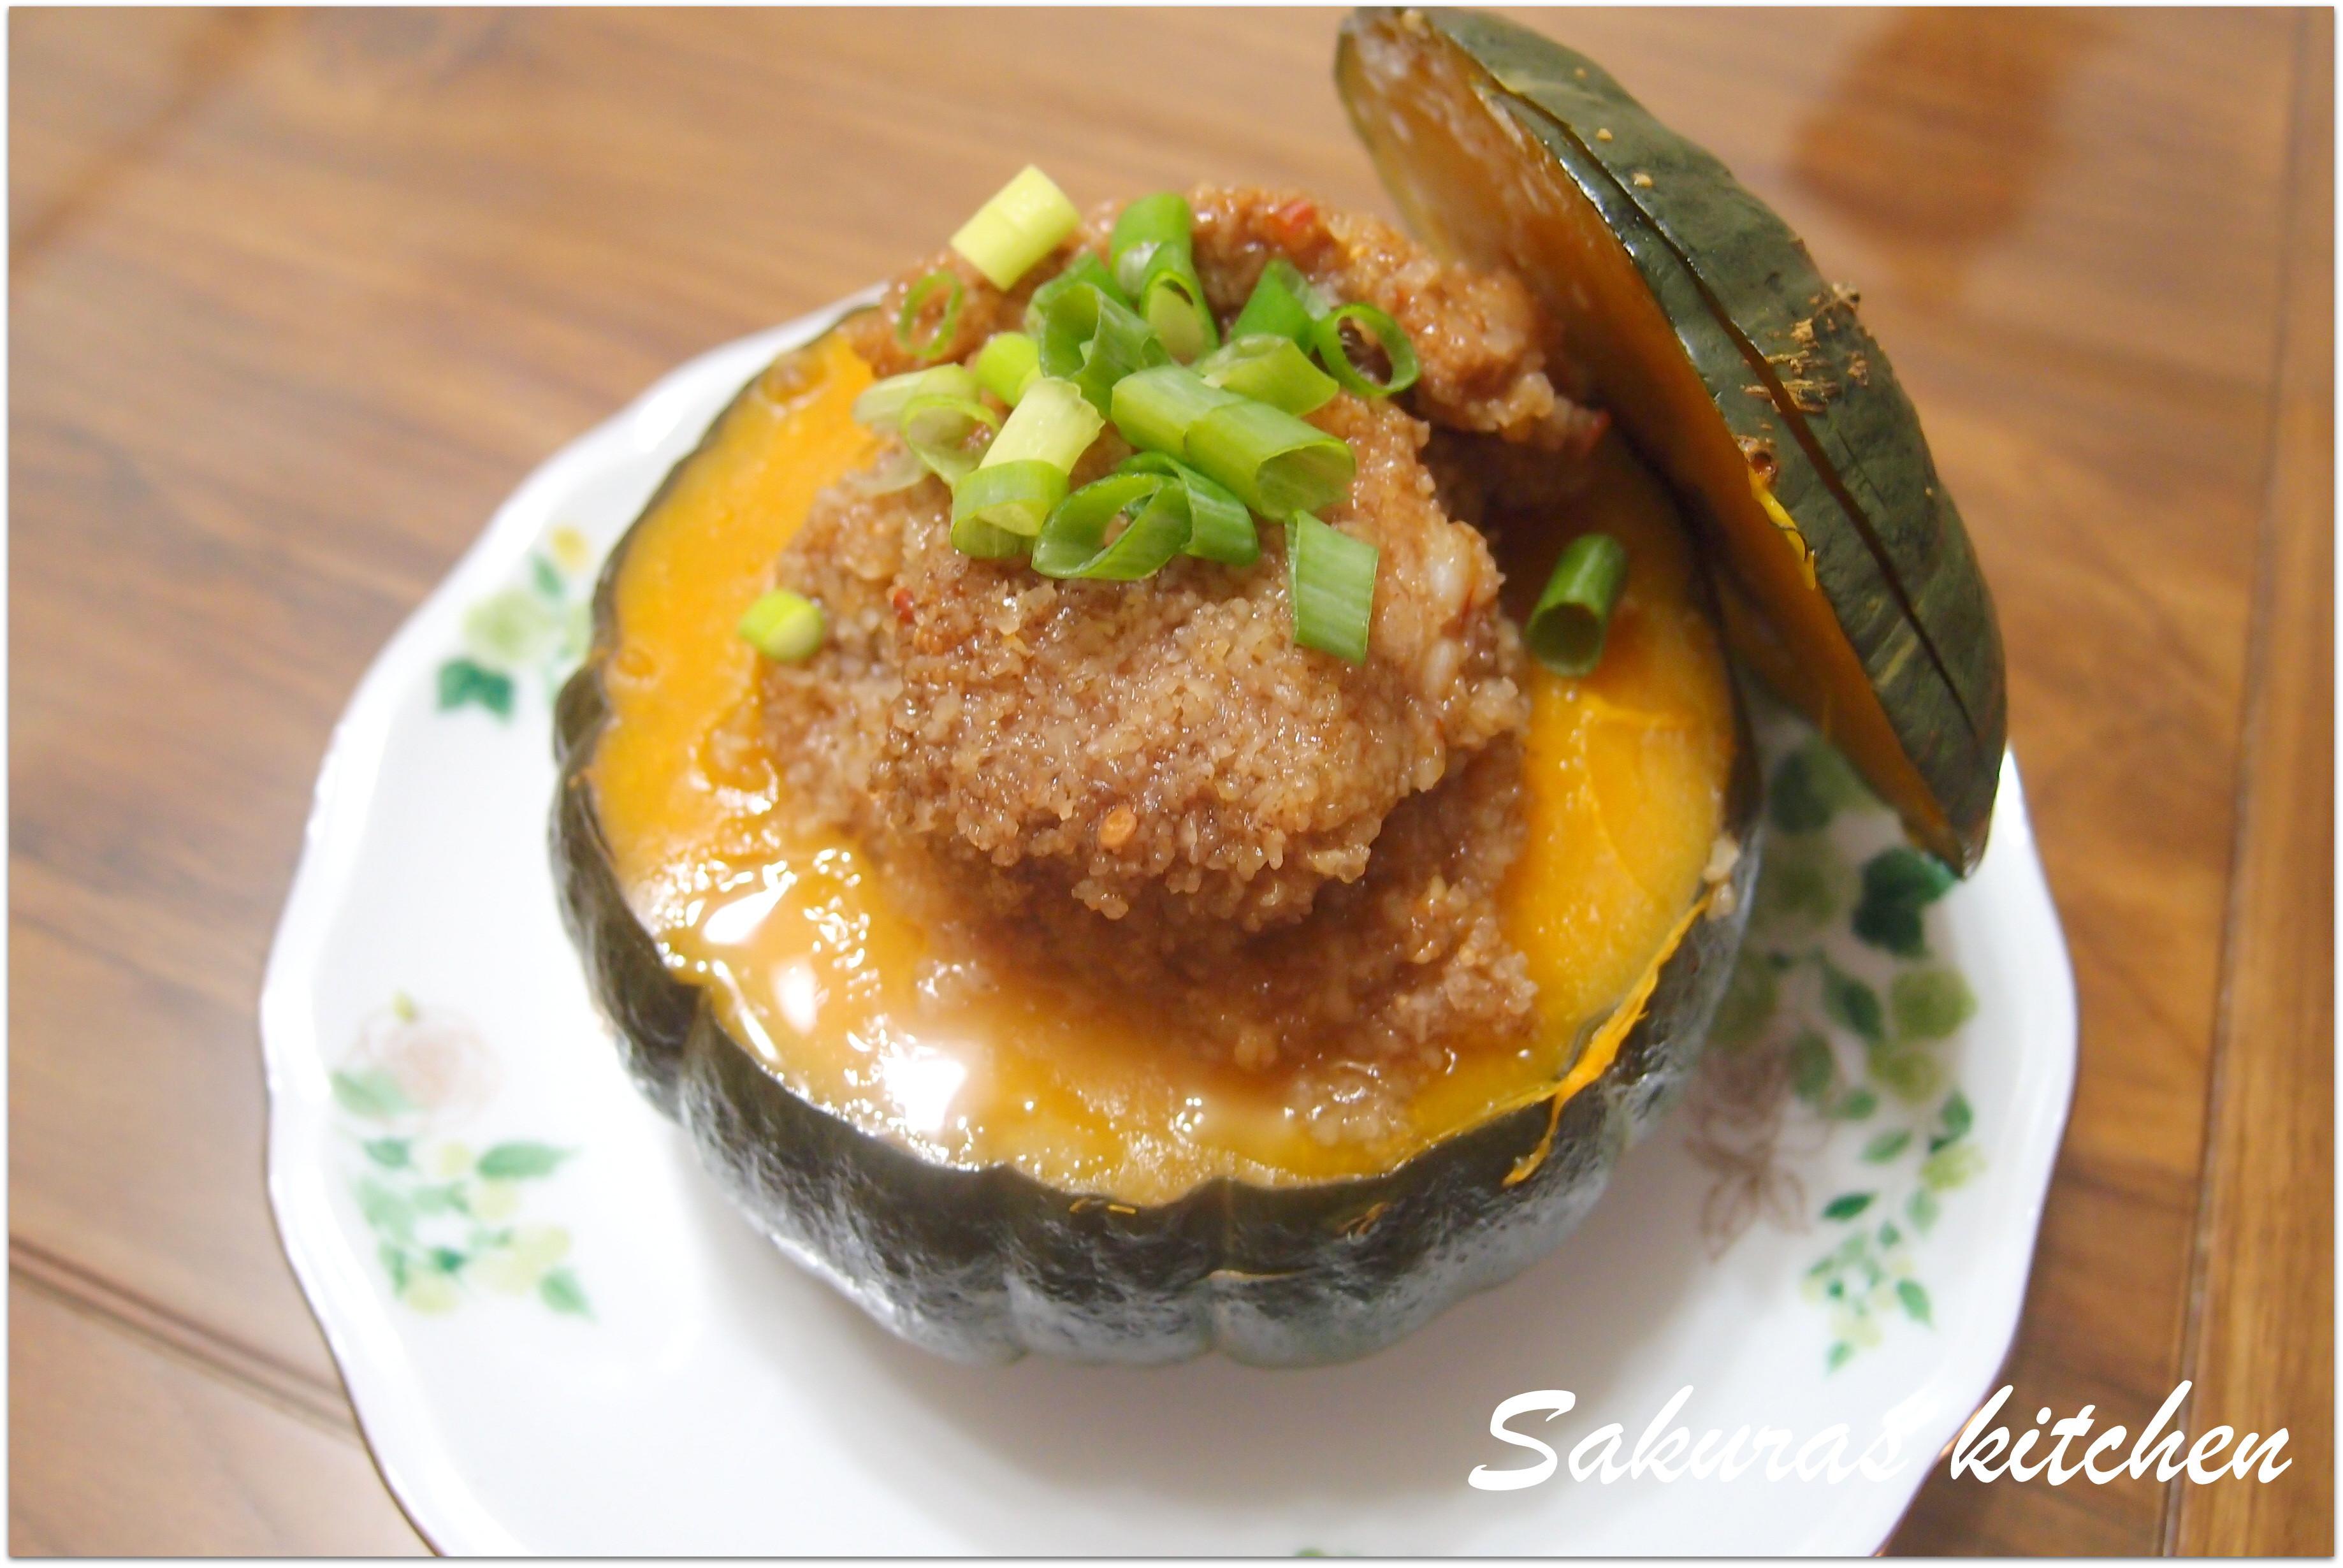 ♥我的手作料理♥ 栗子南瓜粉蒸肉